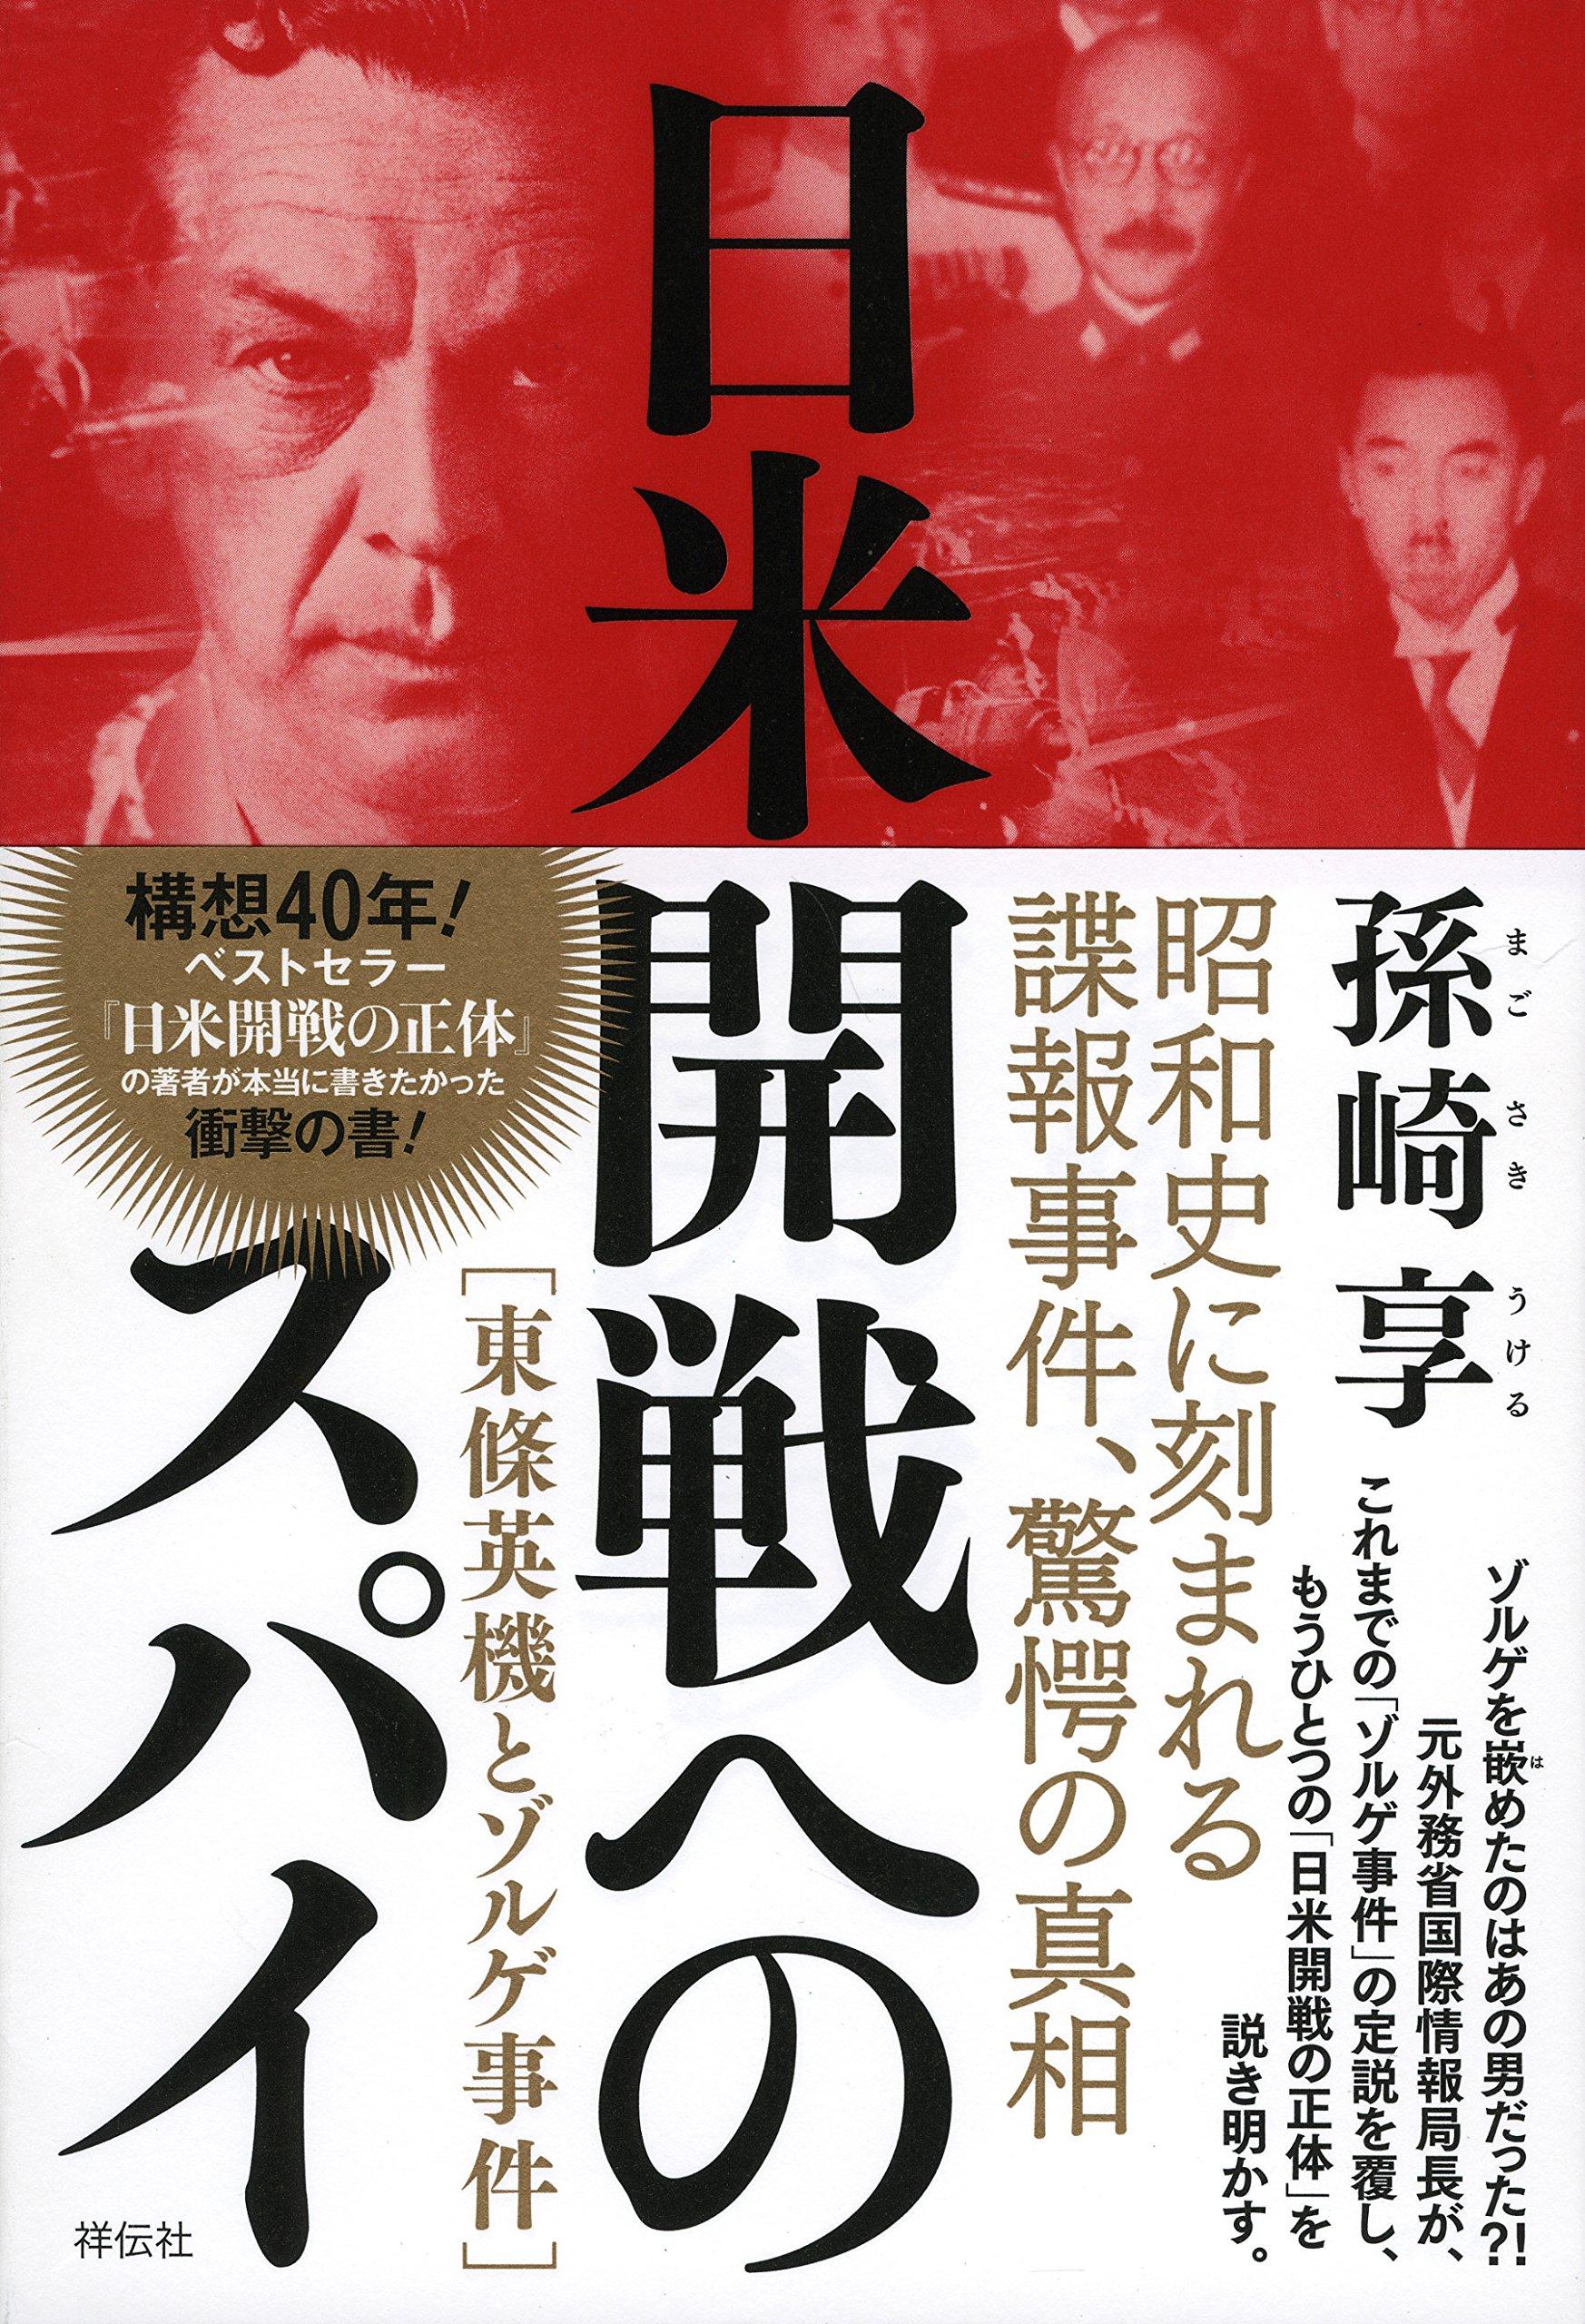 日米開戦へのスパイ 東條英機と...